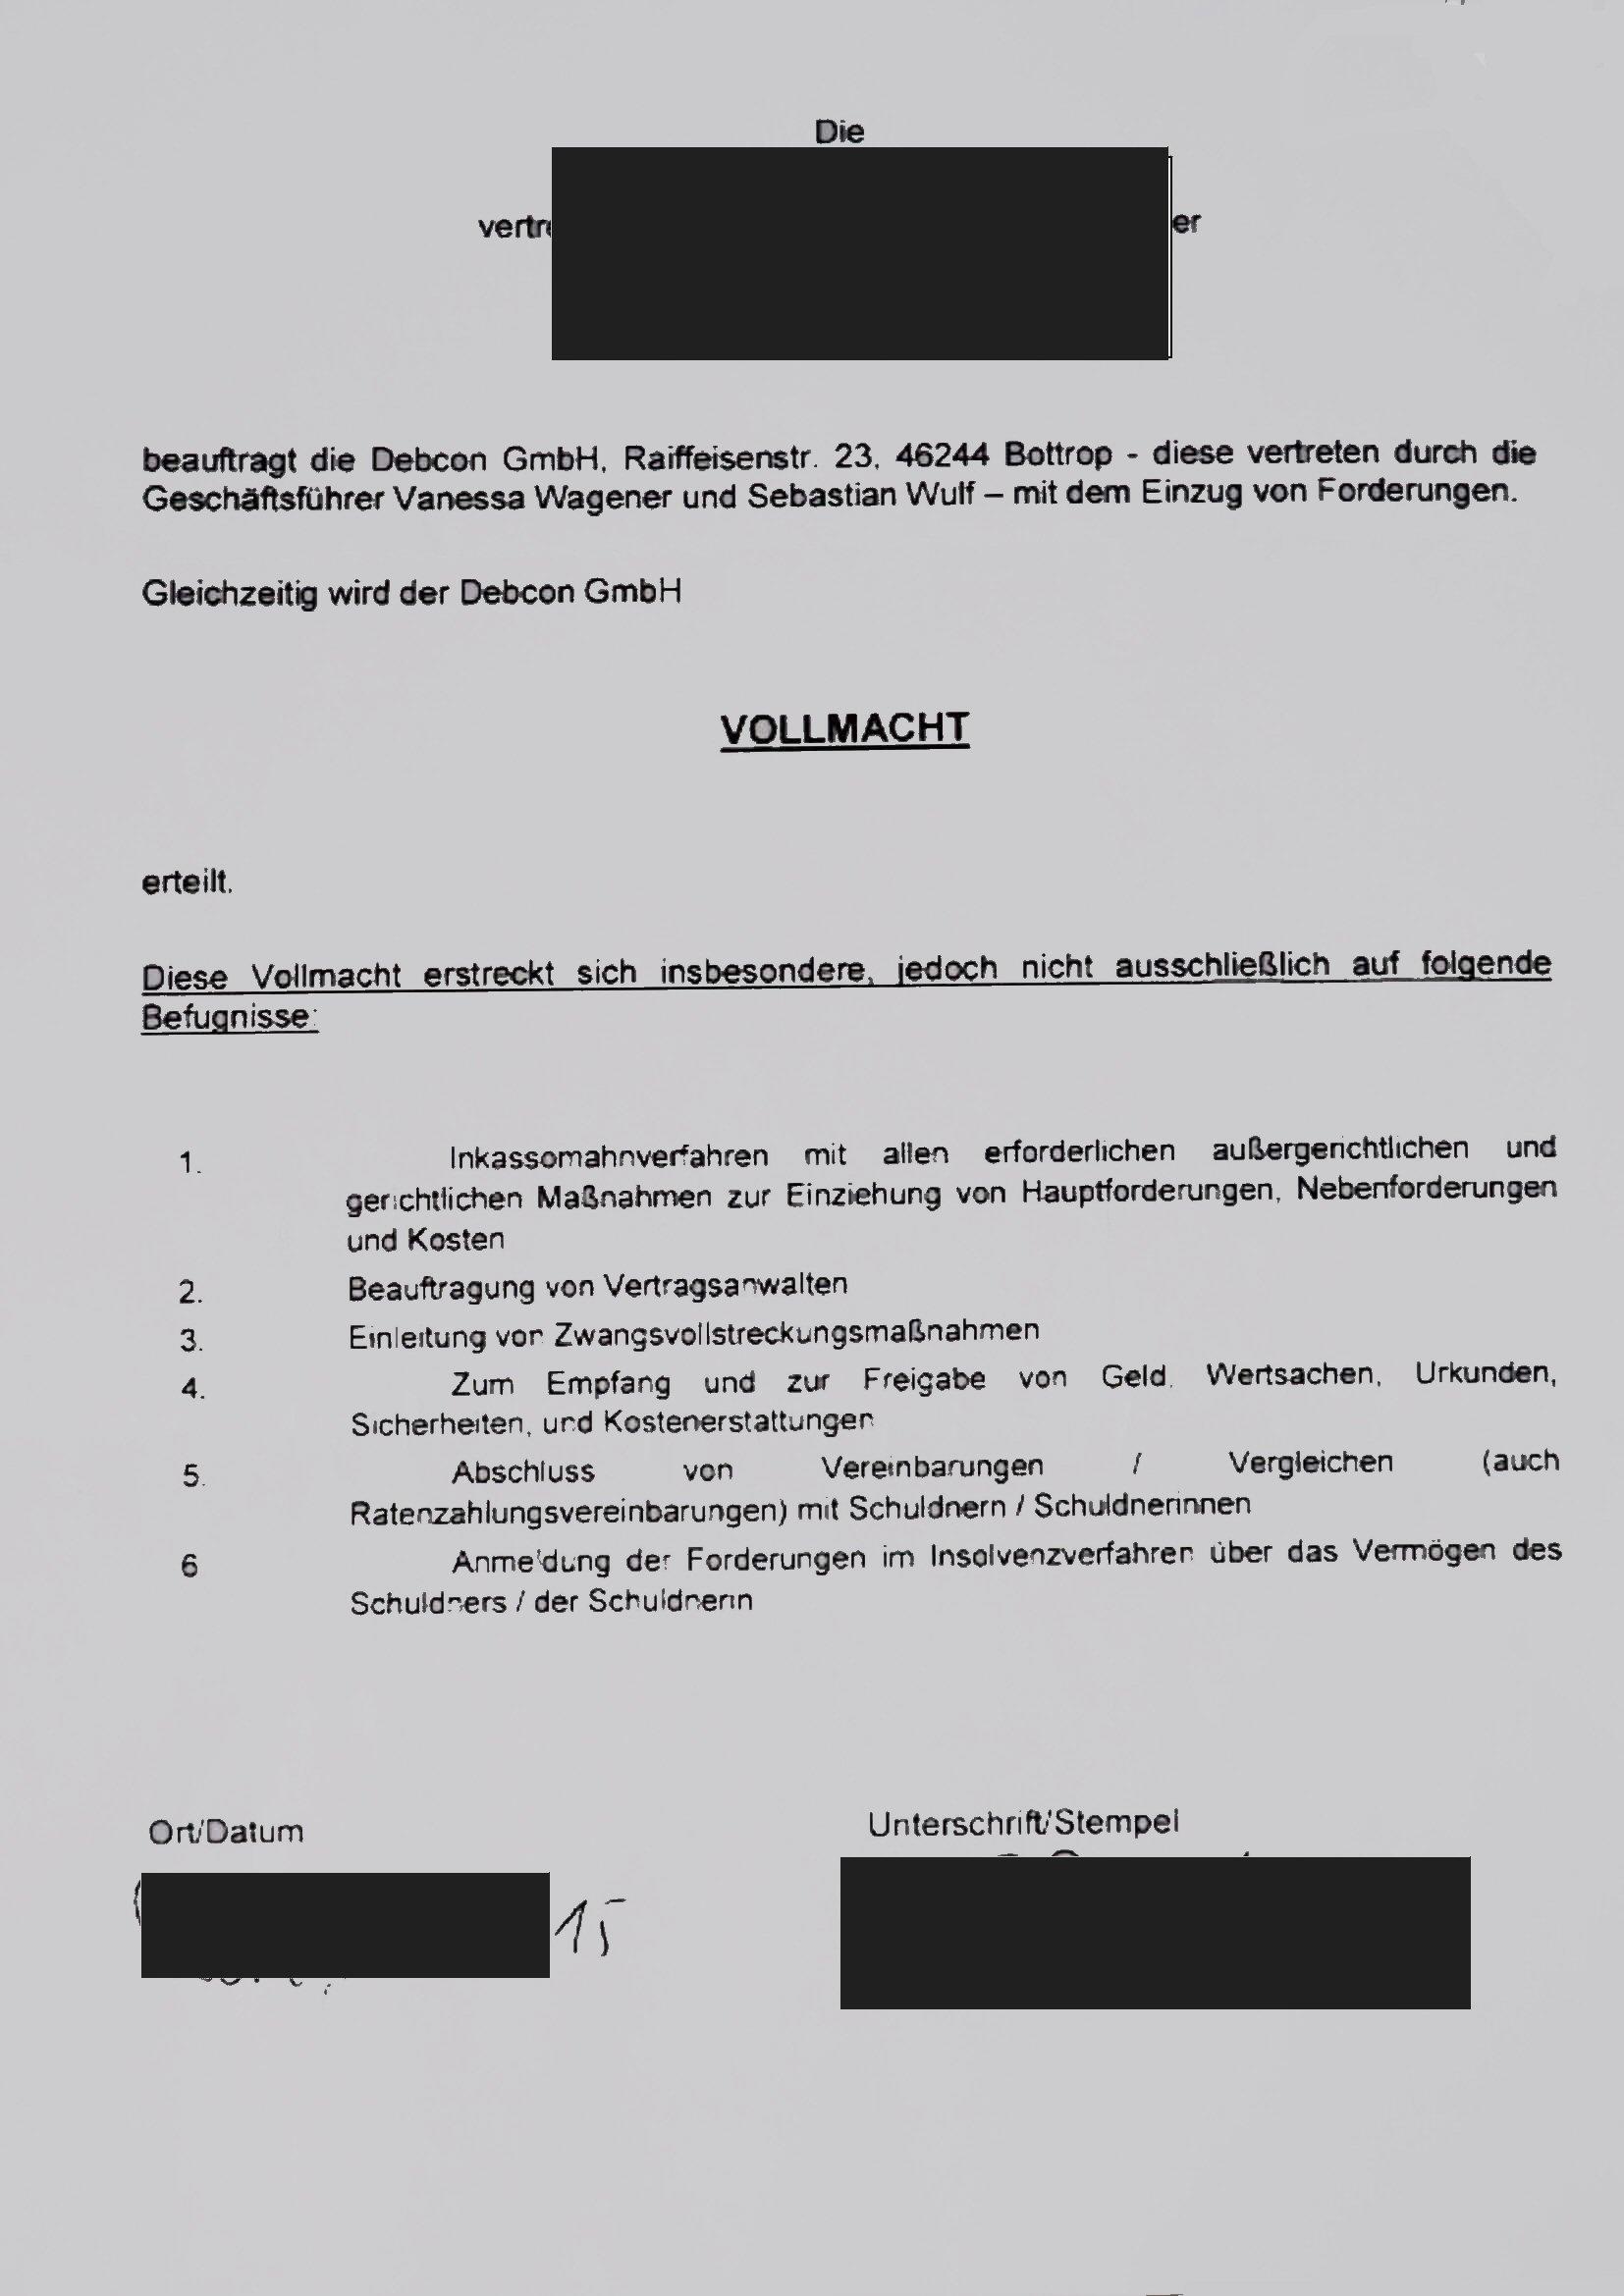 Atemberaubend Urd Vorlage Galerie - Beispiel Wiederaufnahme Vorlagen ...